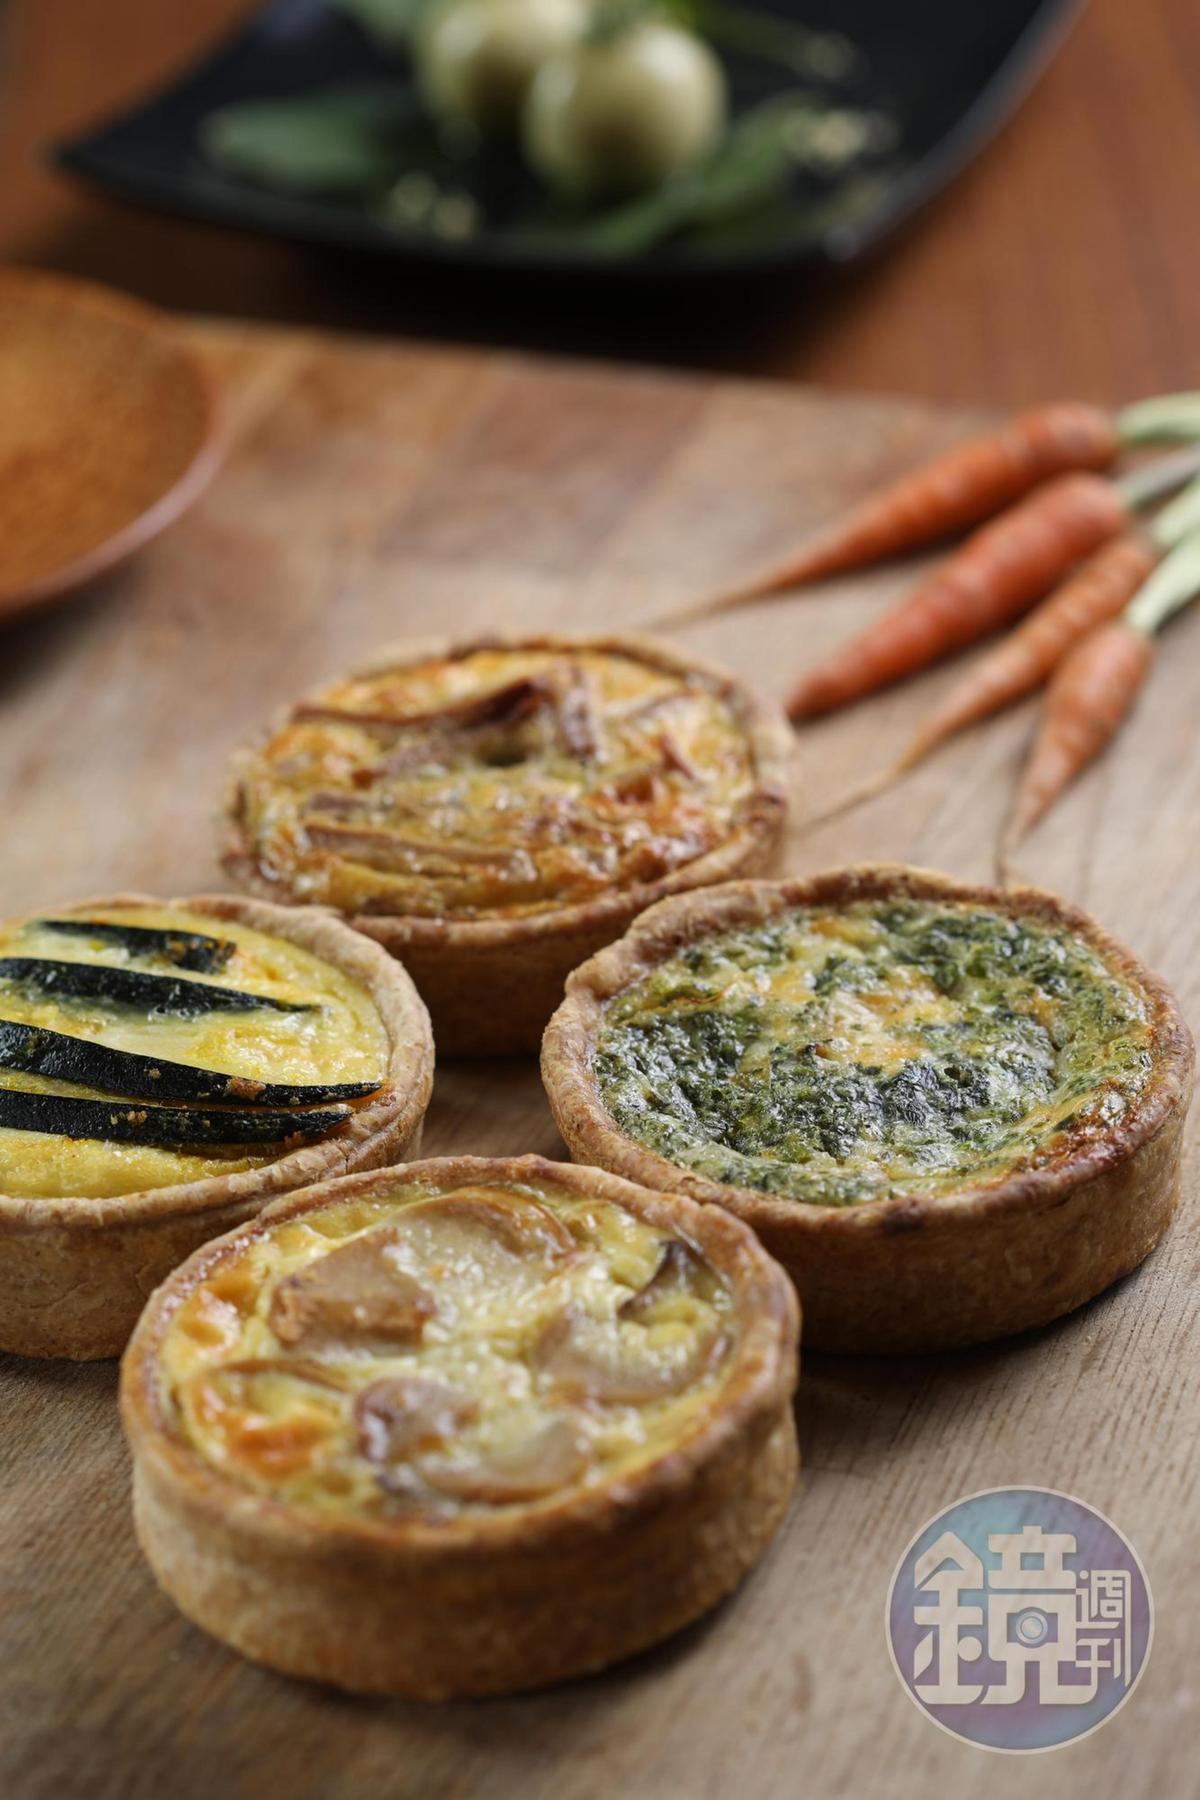 劉姐開發出一系列屬於台灣的鹹派,右起順時針依序為胡蘿蔔葉、麻油杏鮑菇、金沙南瓜、芋粿巧口味。(120元/個)